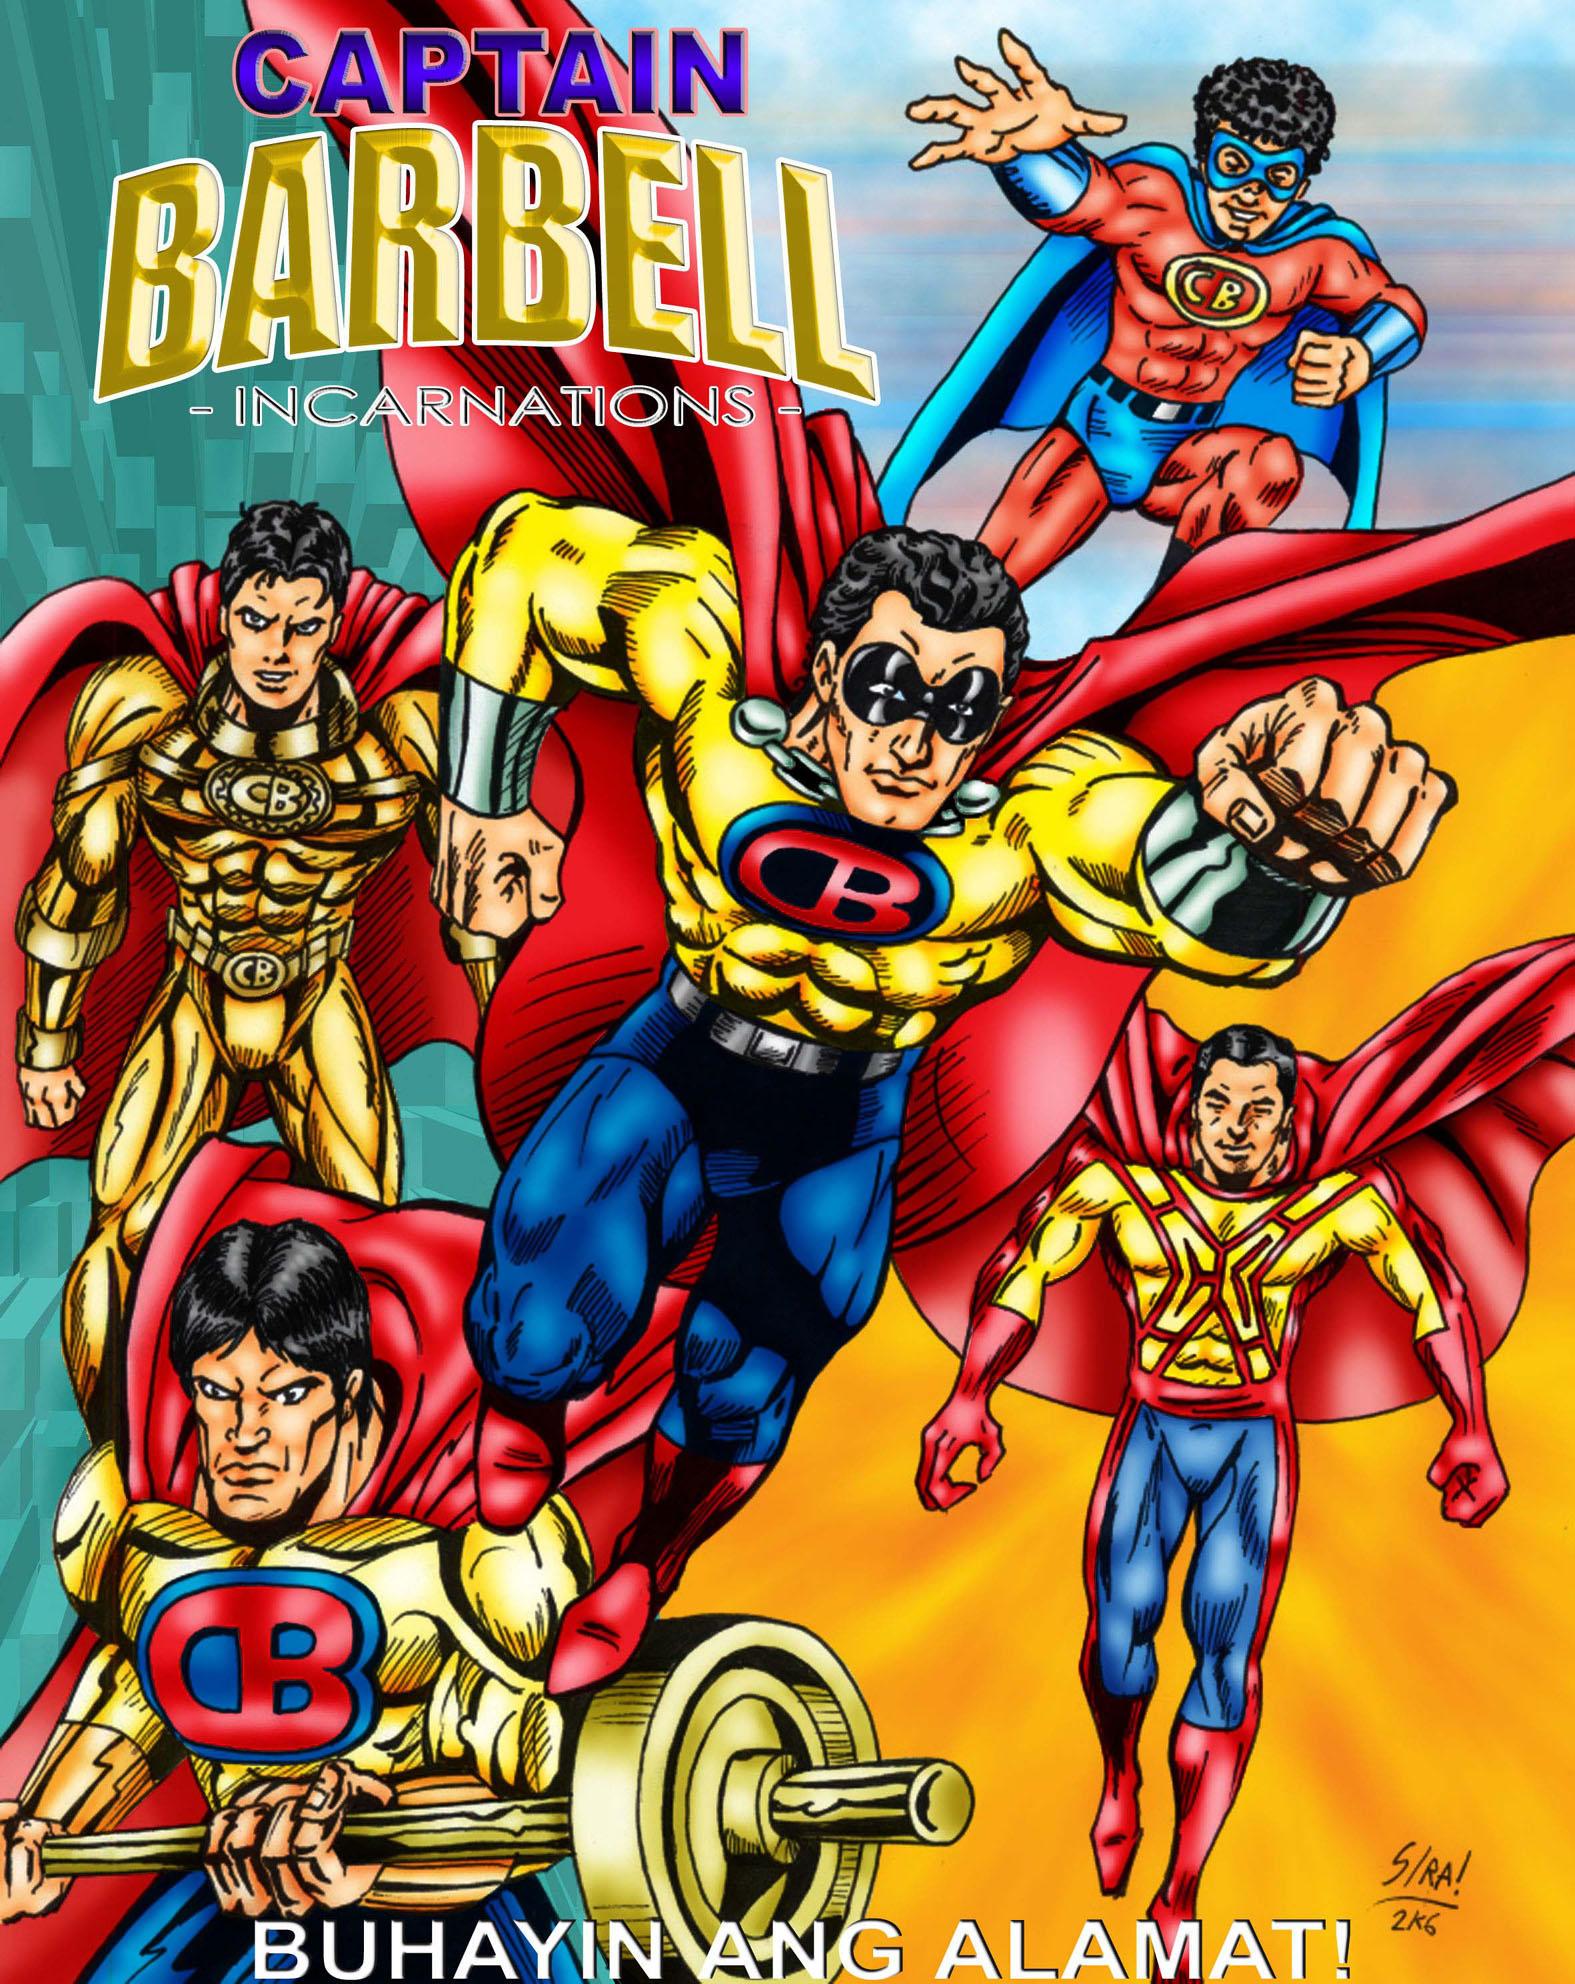 Captain barbell incarnations by plutoxbedan on deviantart for Barbel art